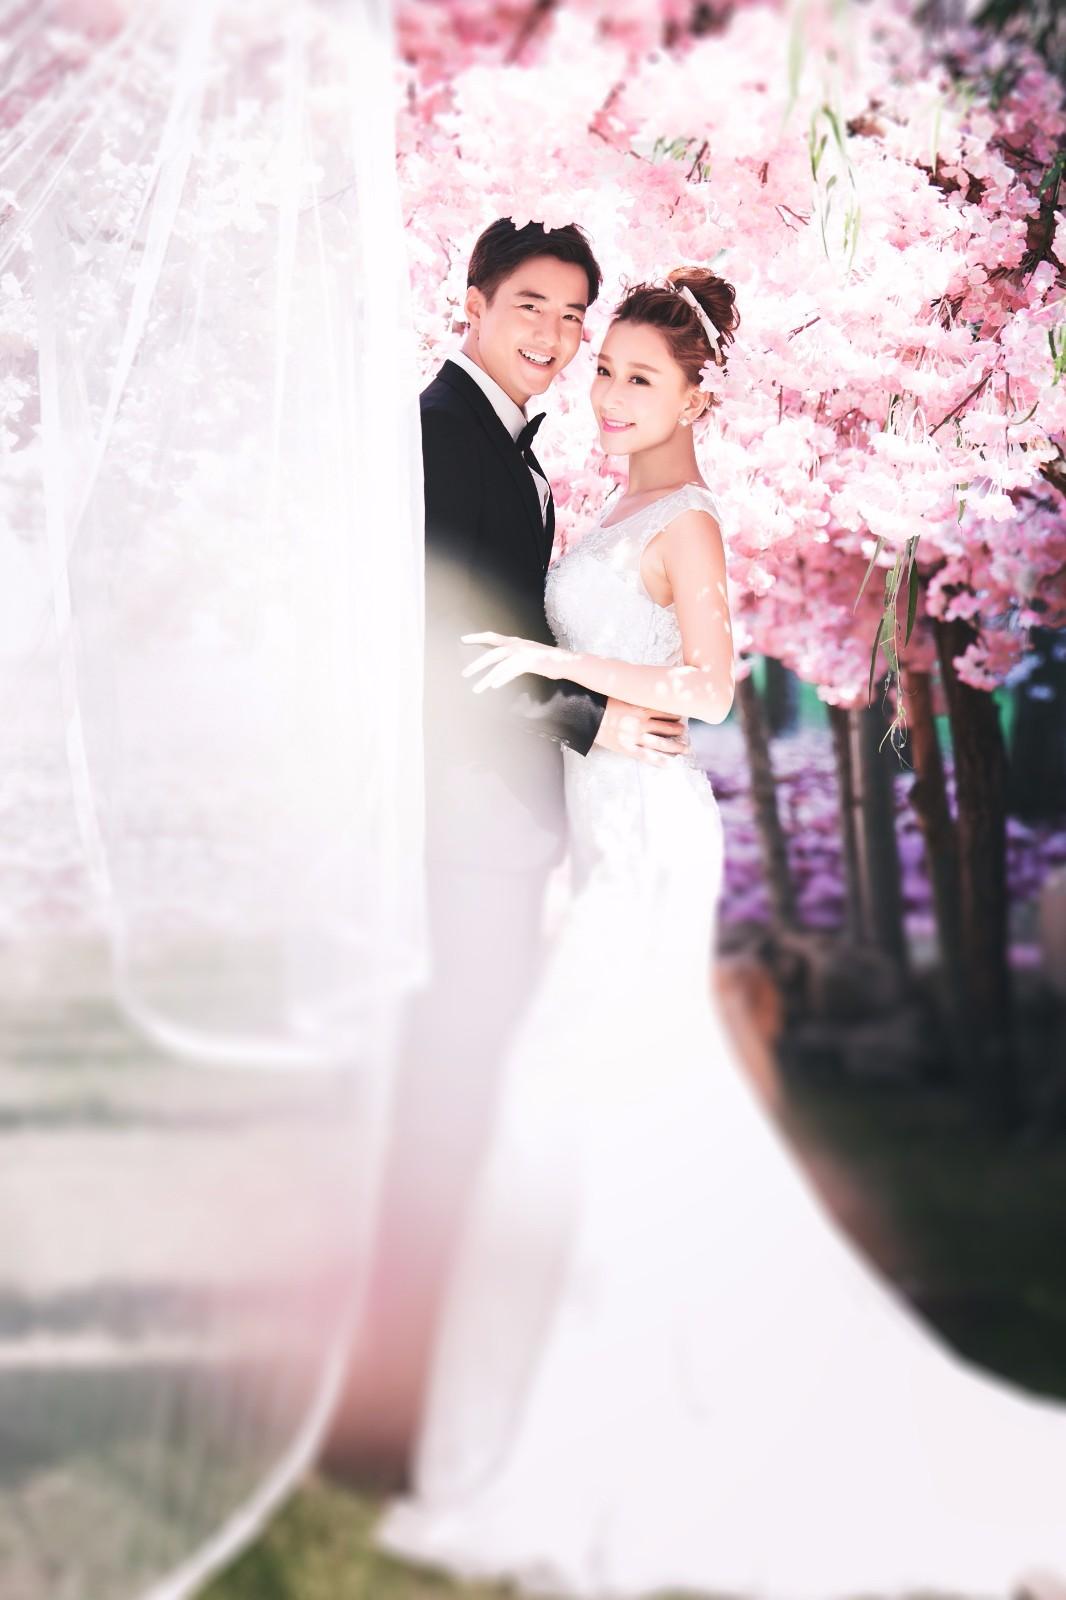 婚礼督导对于结婚新人来说可以解决很多烦心事